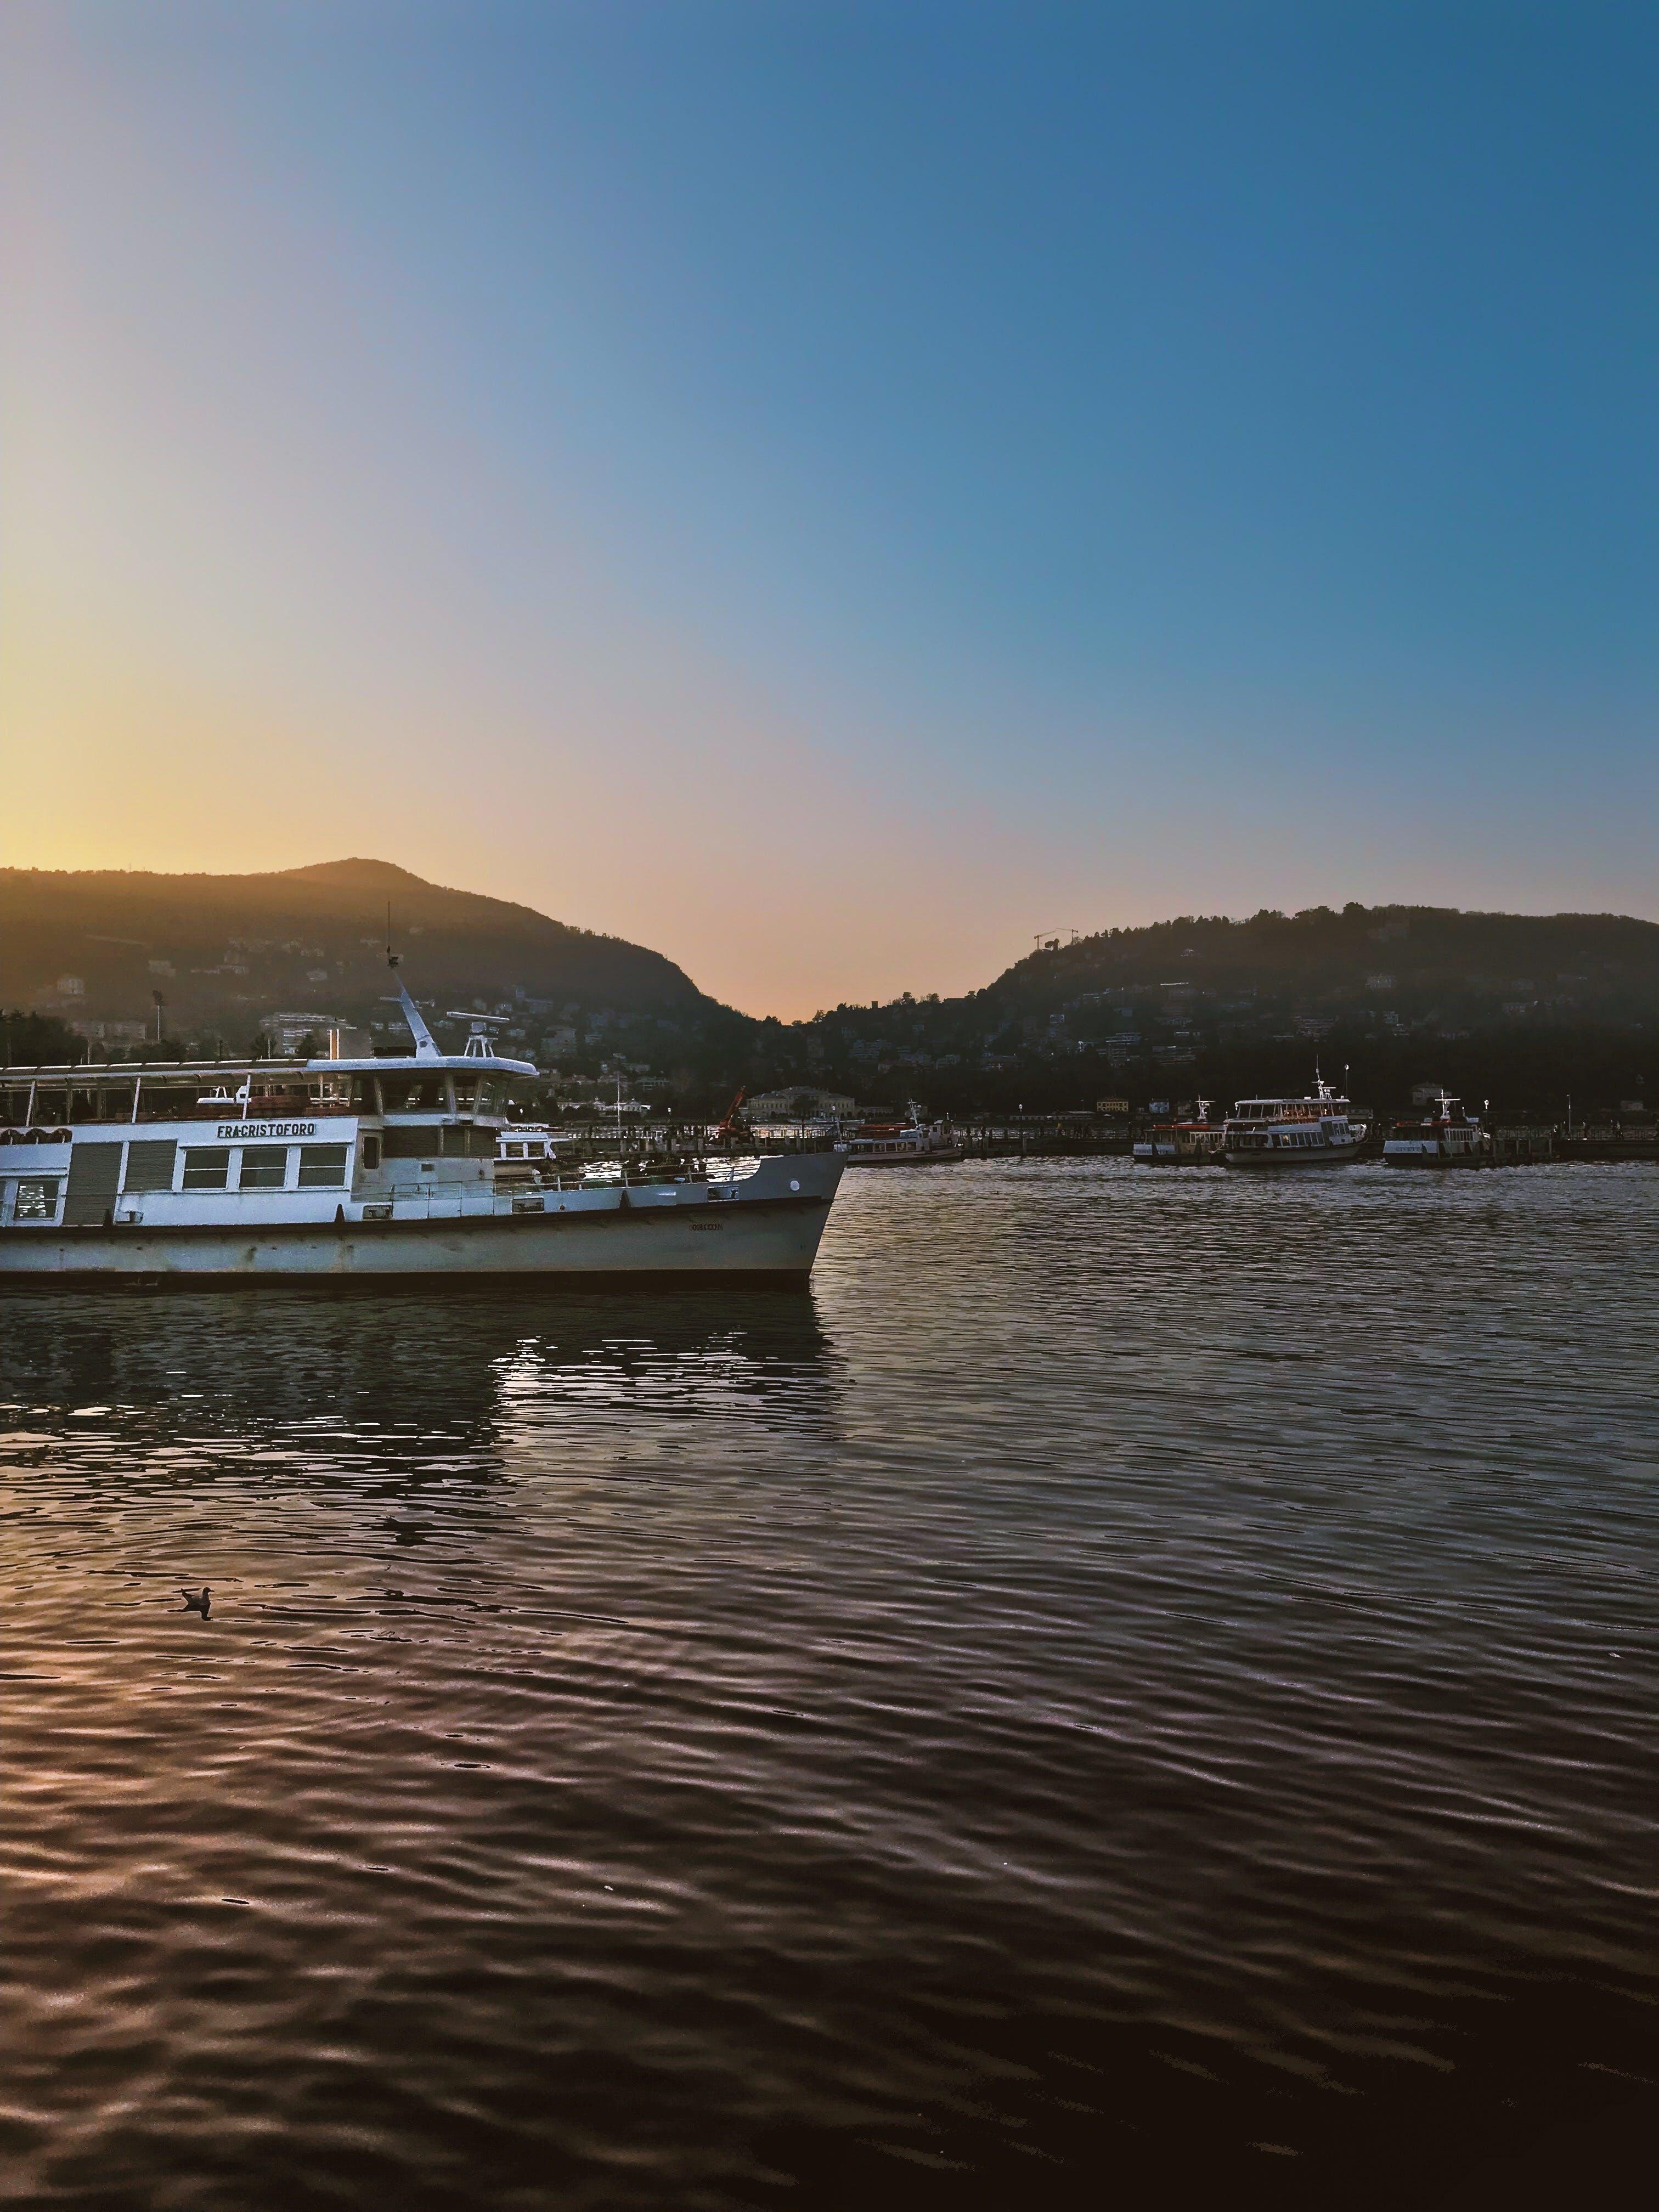 Δωρεάν στοκ φωτογραφιών με αυγή, βάρκα, δύση του ηλίου, θάλασσα